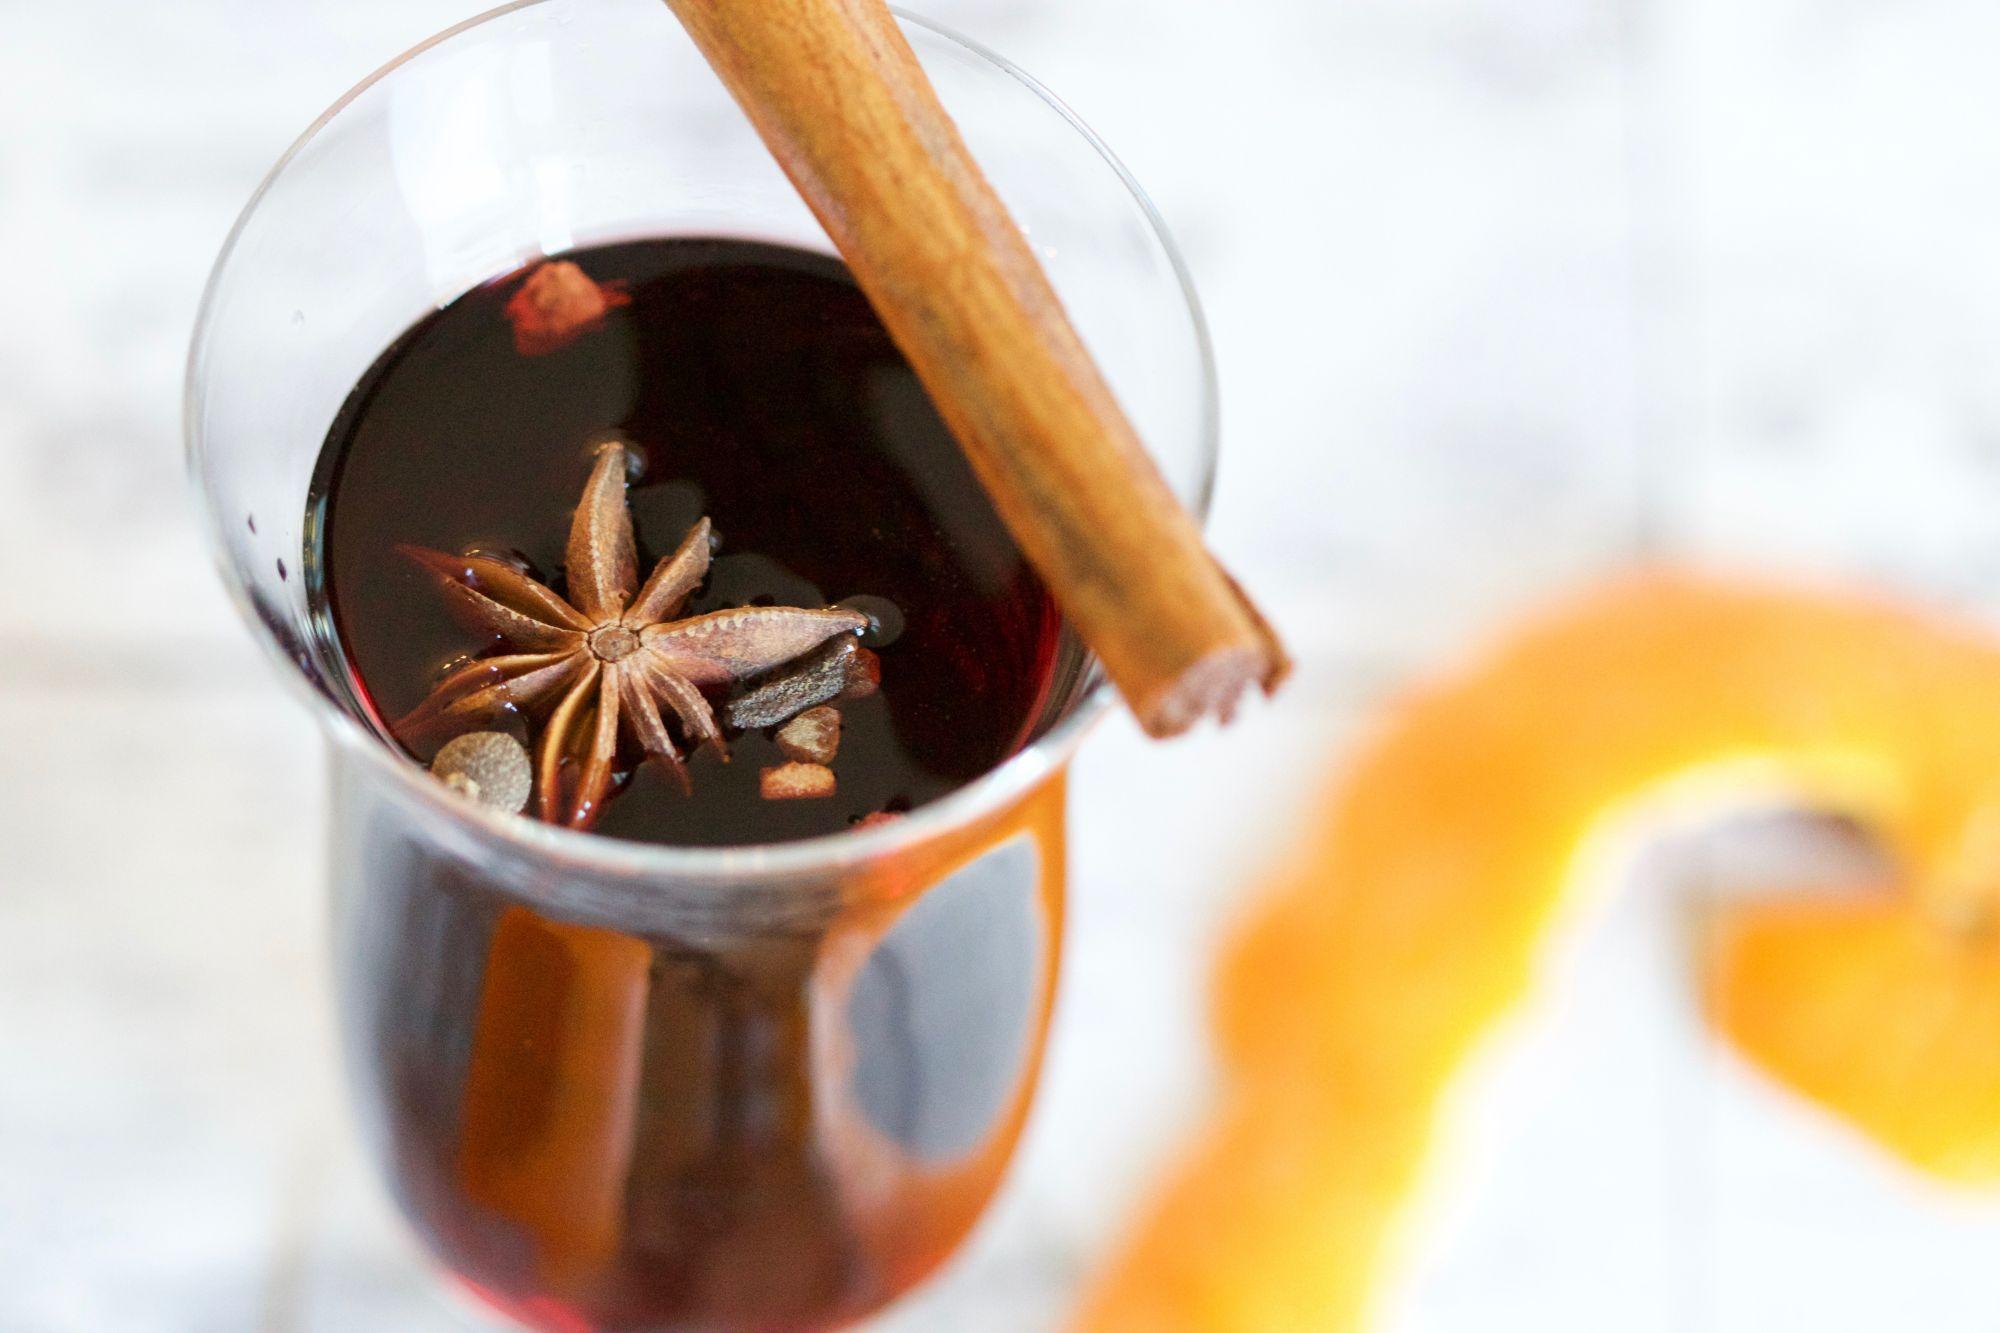 5 Traditional Christmas Drinks To Imbibe This Season